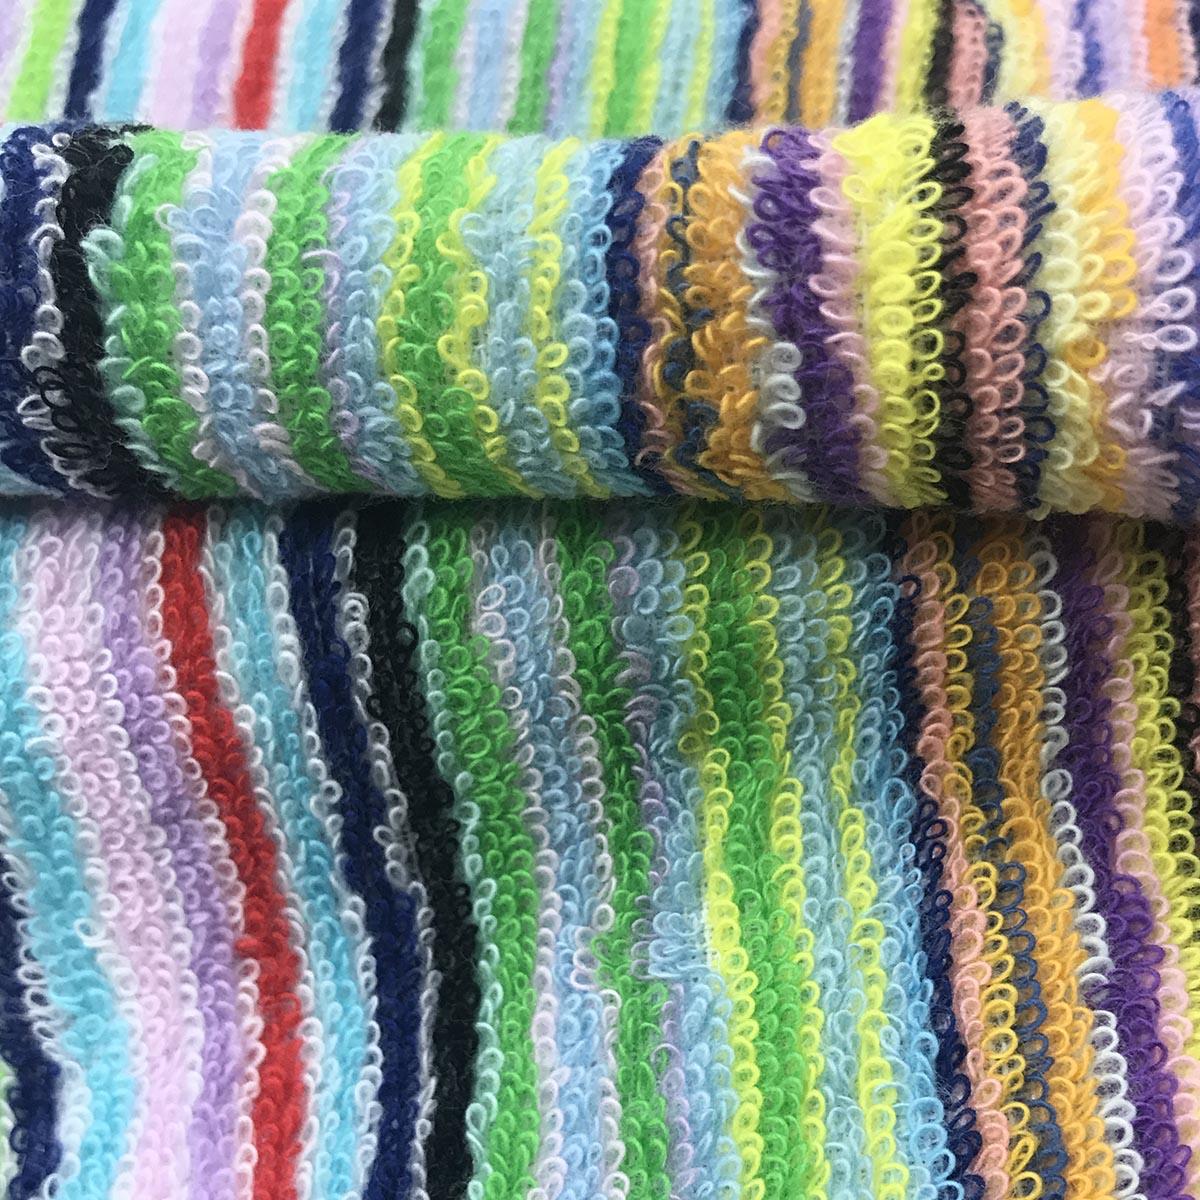 今治 の残糸を使った バスタオル 5枚組 約60x120cm